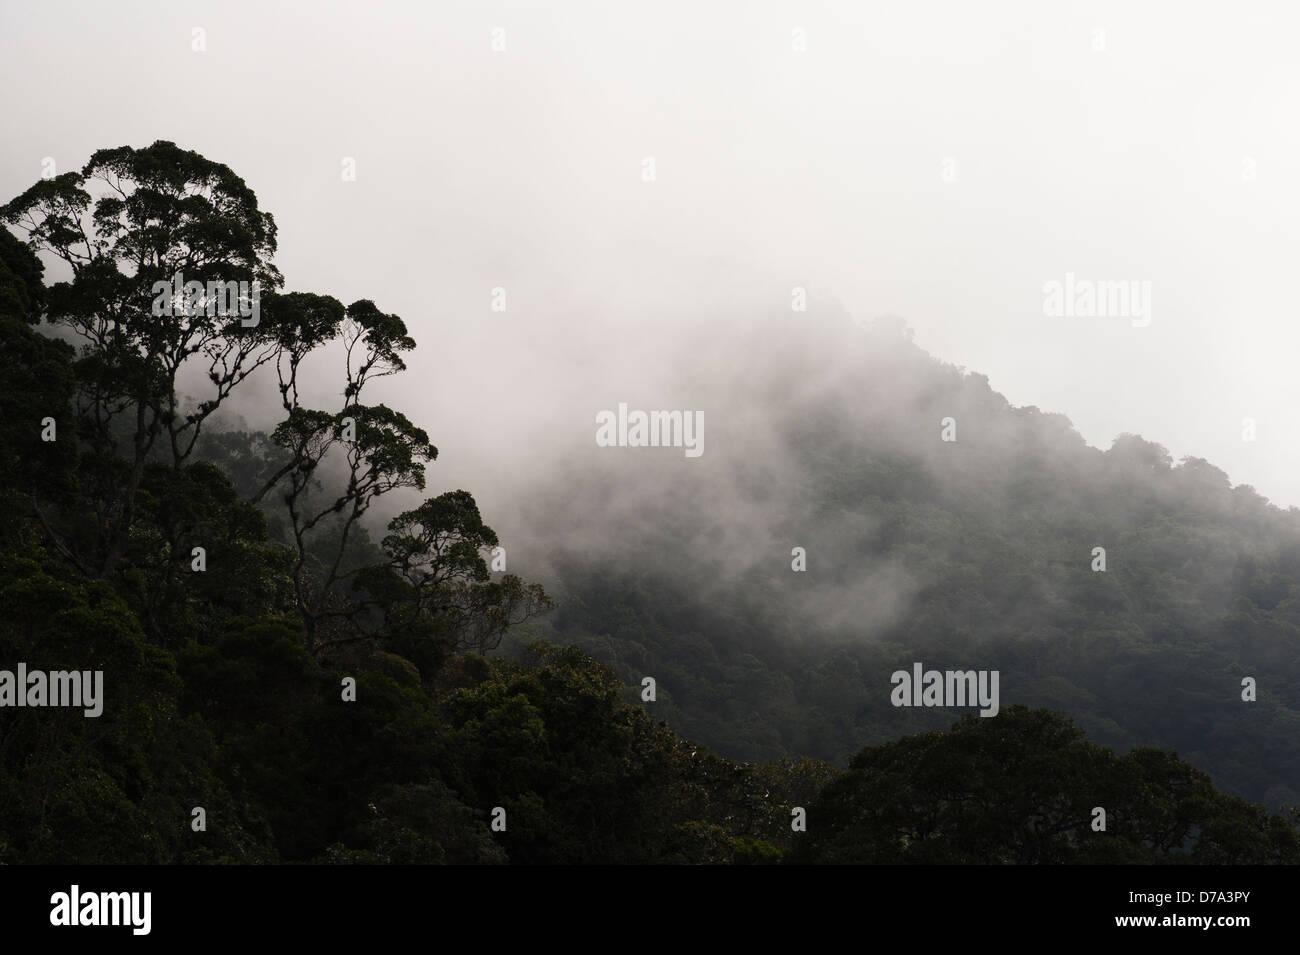 Colombia - misty rain forest in the Sierra Nevada de Santa Marta - Stock Image